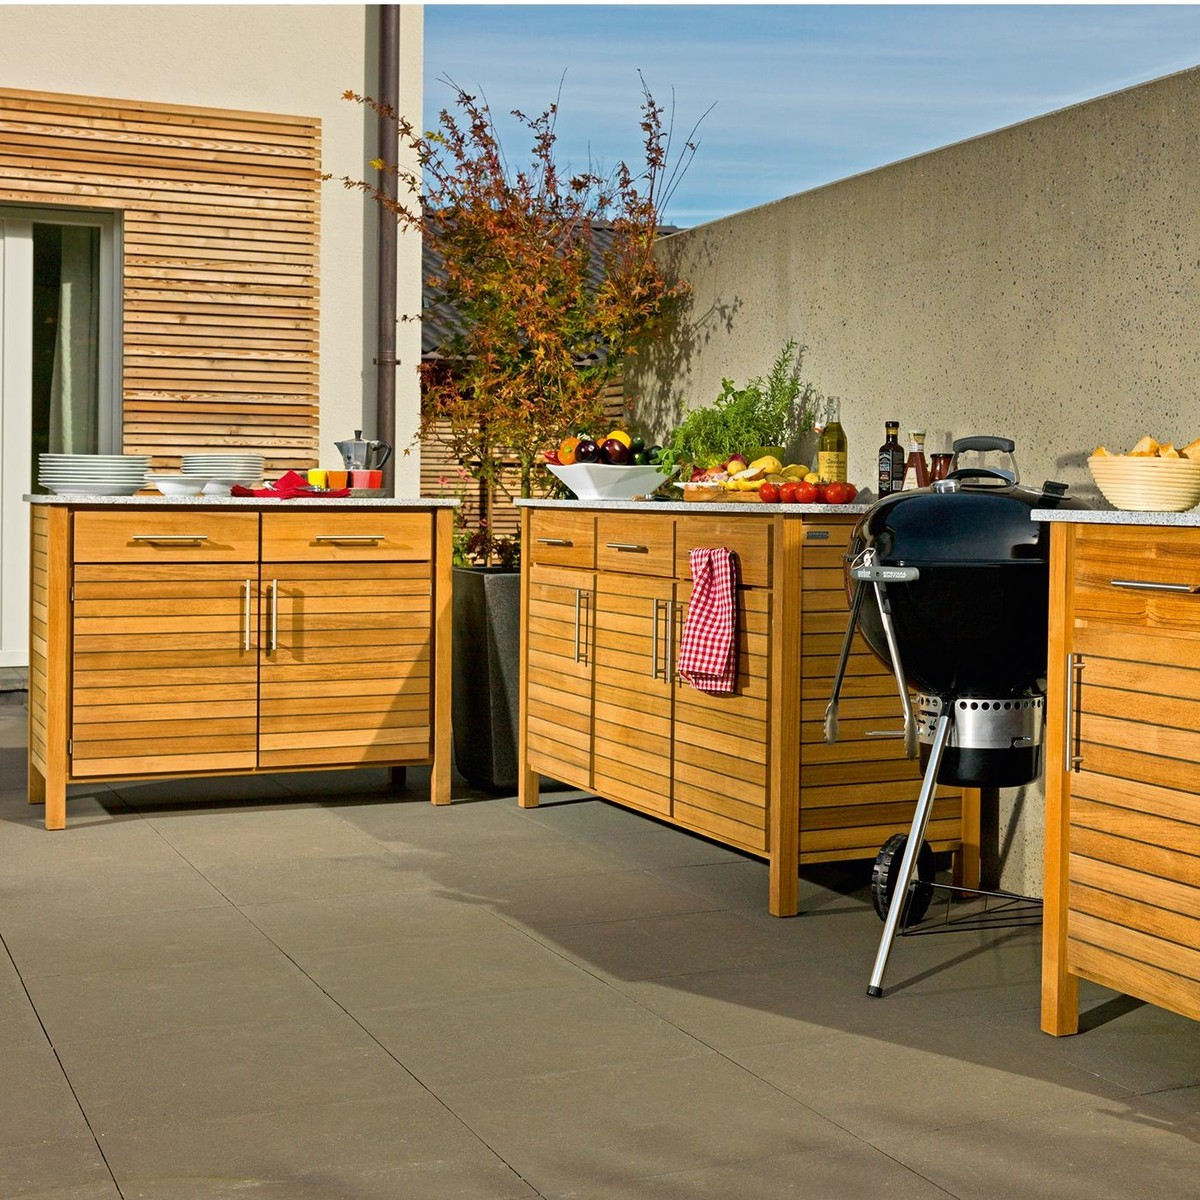 deck cuisine d 39 ext rieur module double weish upl. Black Bedroom Furniture Sets. Home Design Ideas